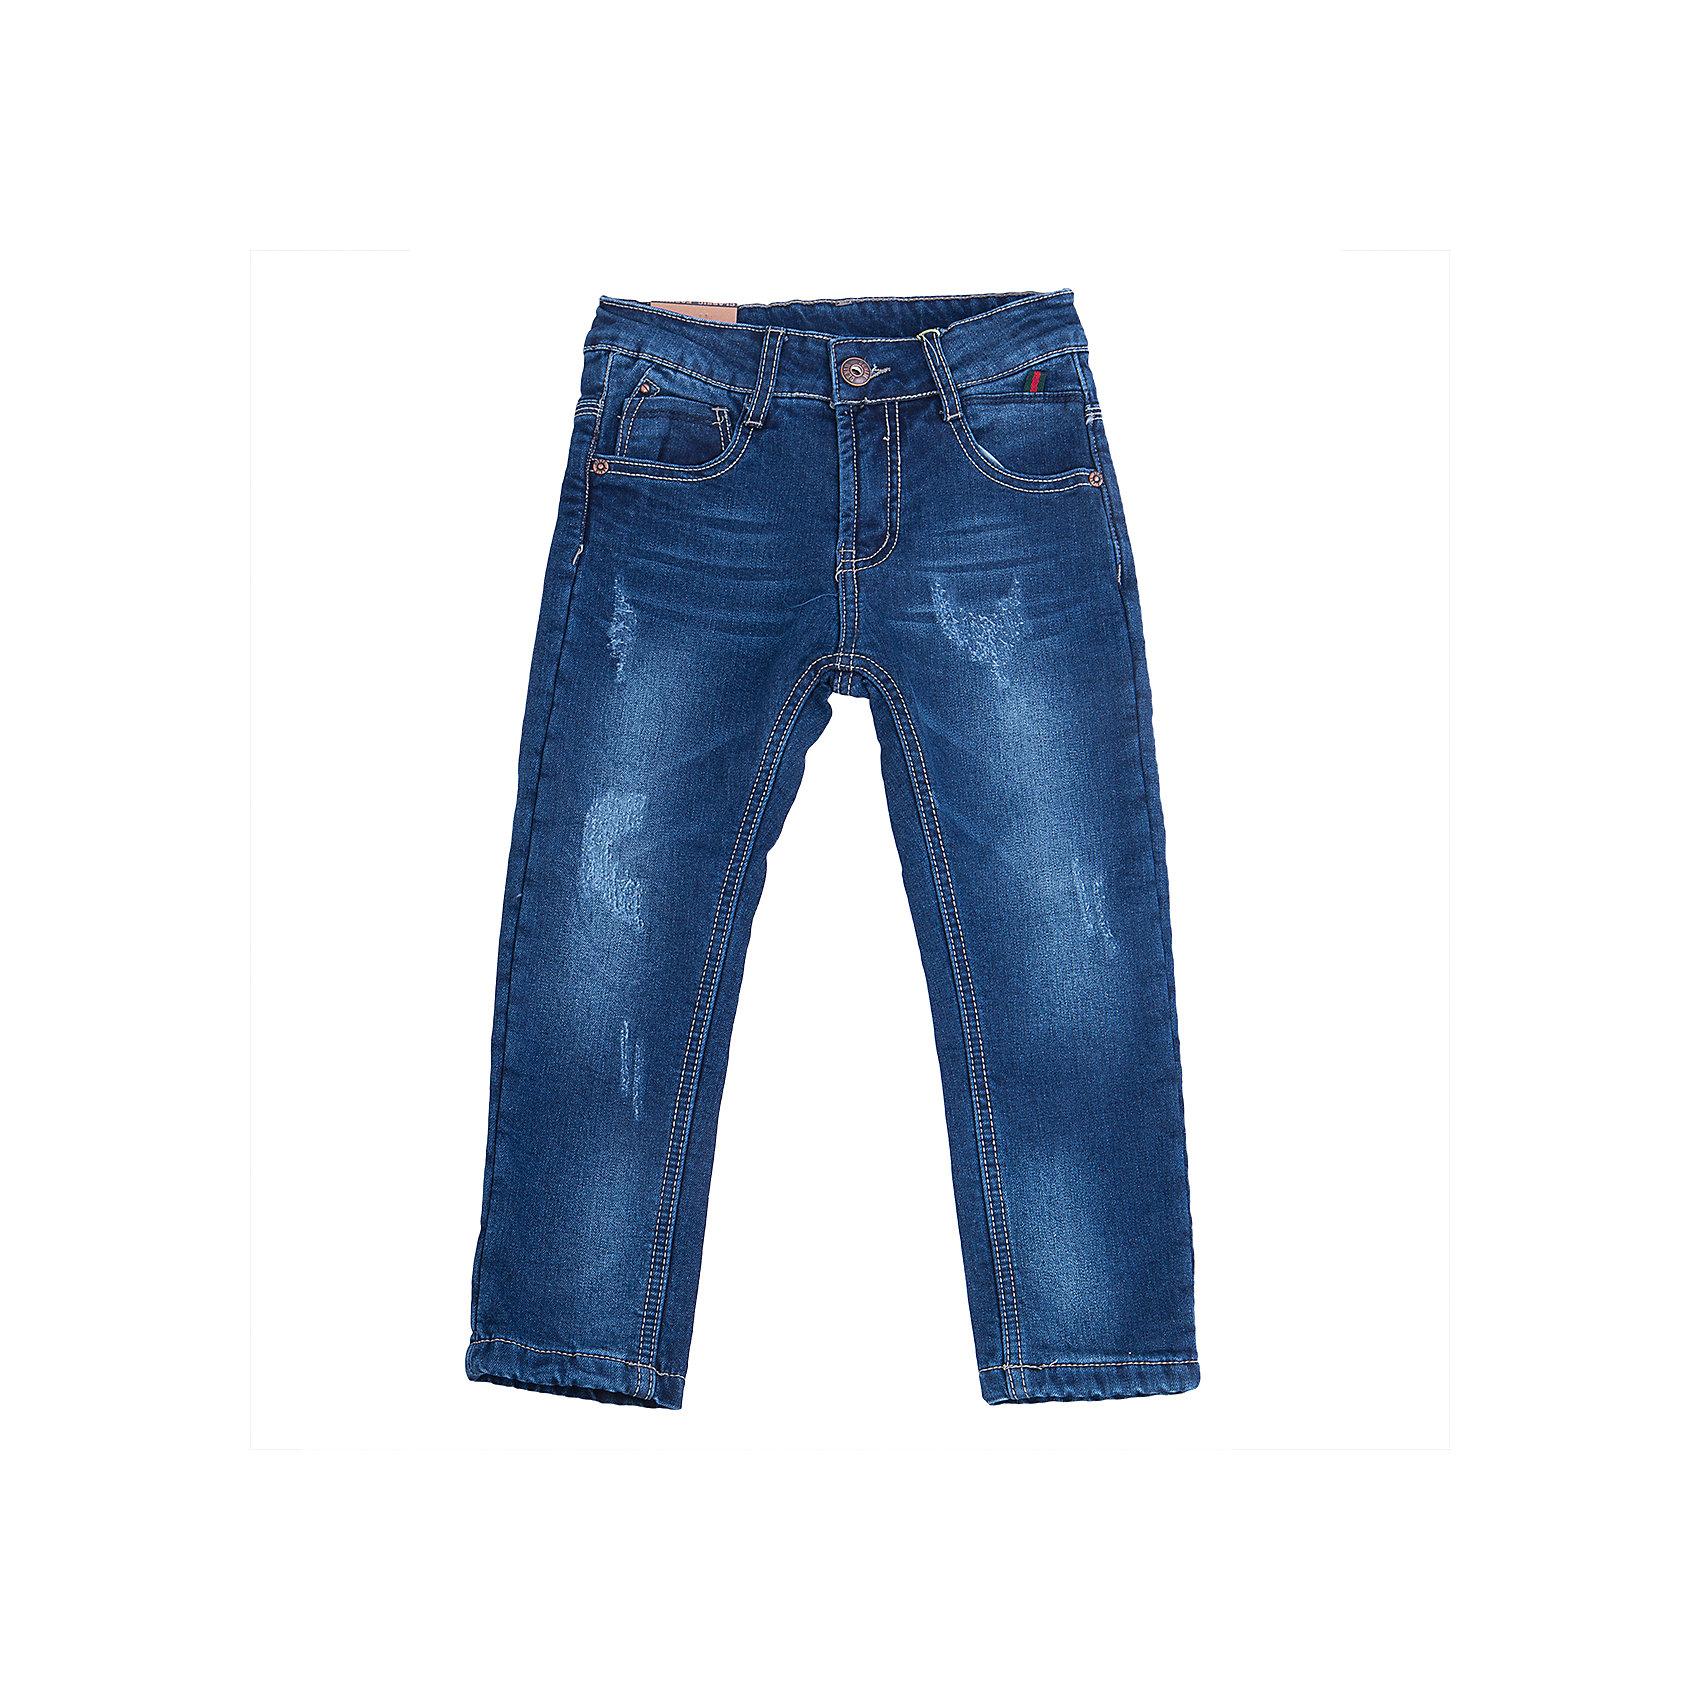 Джинсы для мальчика Sweet BerryДжинсы<br>Такая модель джинсов для мальчика отличается модным дизайном с контрастной прострочкой. Удачный крой обеспечит ребенку комфорт и тепло. Мягкая и теплая хлопковая подкладка делает вещь идеальной для прохладной погоды. Она плотно прилегает к телу там, где нужно, и отлично сидит по фигуре. Джинсы имеют регулировку размера на талии и удобные карманы.<br>Одежда от бренда Sweet Berry - это простой и выгодный способ одеть ребенка удобно и стильно. Всё изделия тщательно проработаны: швы - прочные, материал - качественный, фурнитура - подобранная специально для детей. <br><br>Дополнительная информация:<br><br>цвет: синий;<br>имитация потертостей;<br>материал: верх - 98% хлопок, 2% эластан, подкладка - 100% полиэстер;<br>внутри на поясе - регулировка размера;<br>карманы.<br><br>Джинсы для мальчика от бренда Sweet Berry можно купить в нашем интернет-магазине.<br><br>Ширина мм: 215<br>Глубина мм: 88<br>Высота мм: 191<br>Вес г: 336<br>Цвет: синий<br>Возраст от месяцев: 24<br>Возраст до месяцев: 36<br>Пол: Мужской<br>Возраст: Детский<br>Размер: 98,104,110,116,122,128<br>SKU: 4930037